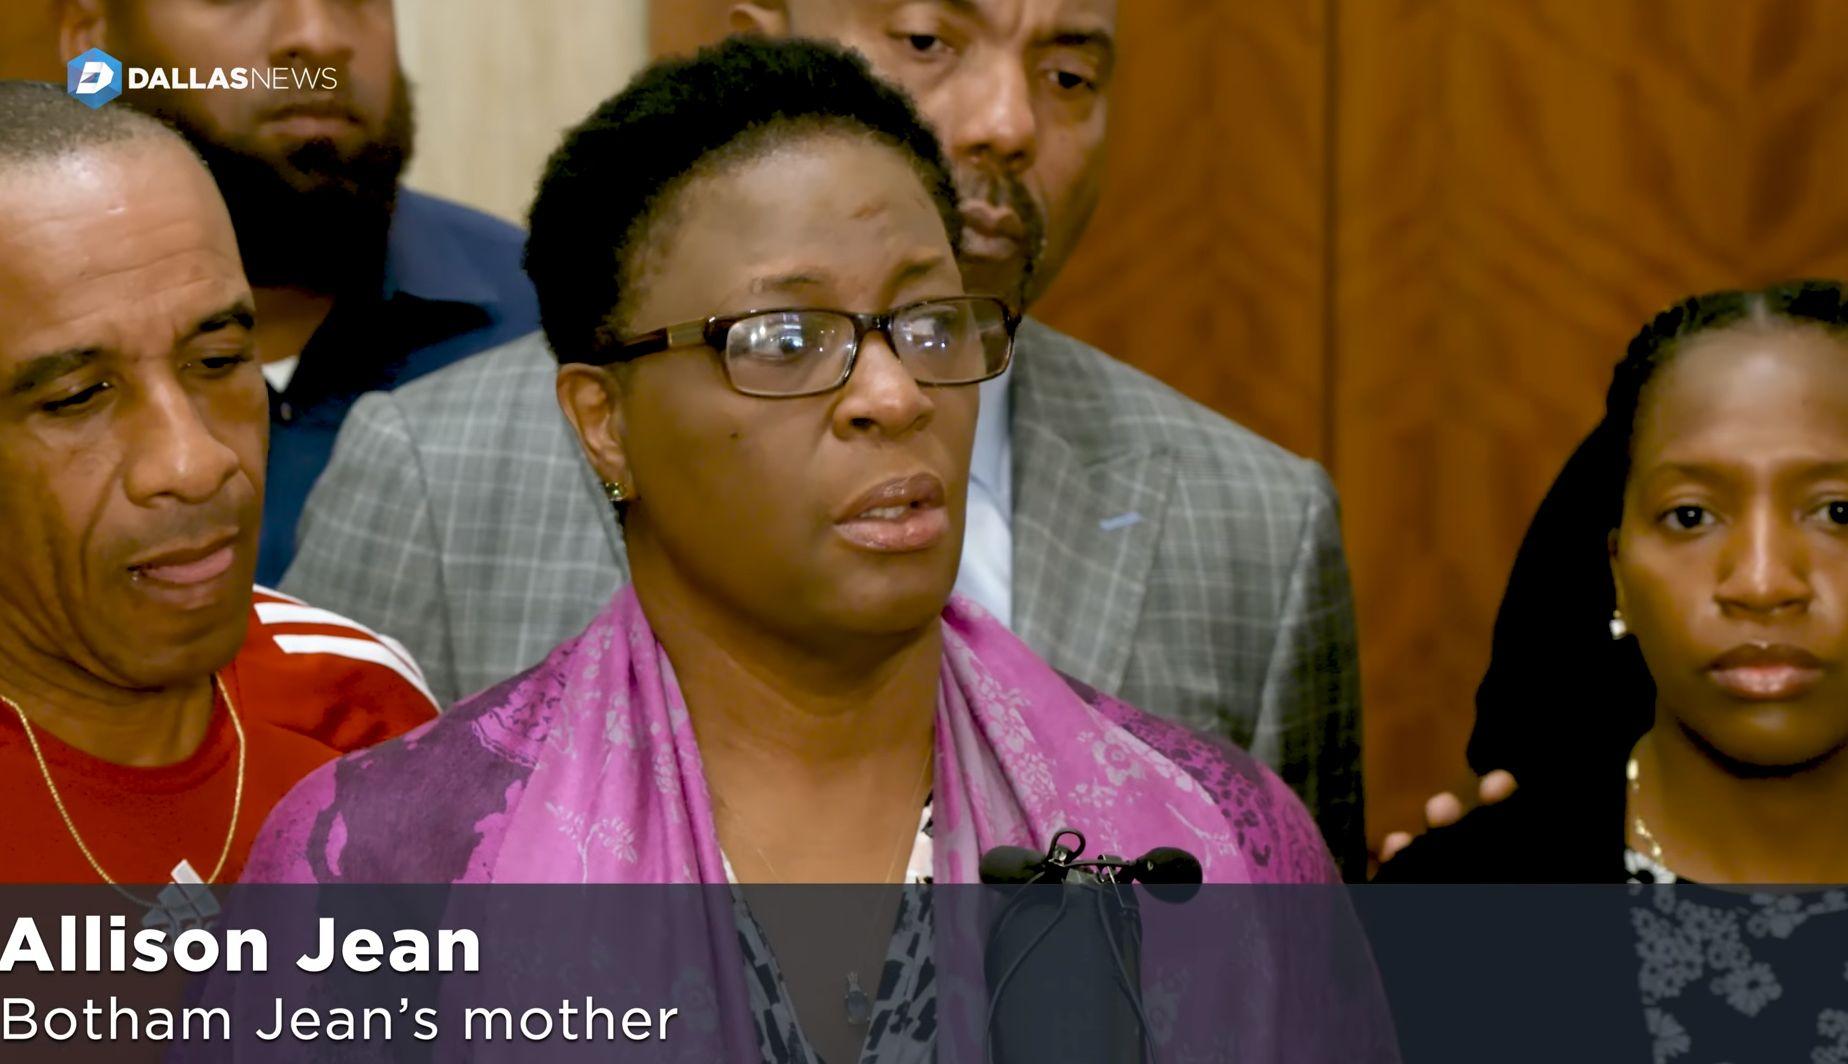 댈러스 경찰의 흑인 주민 사살 사건 수사가 엄청난 욕을 먹고 있는